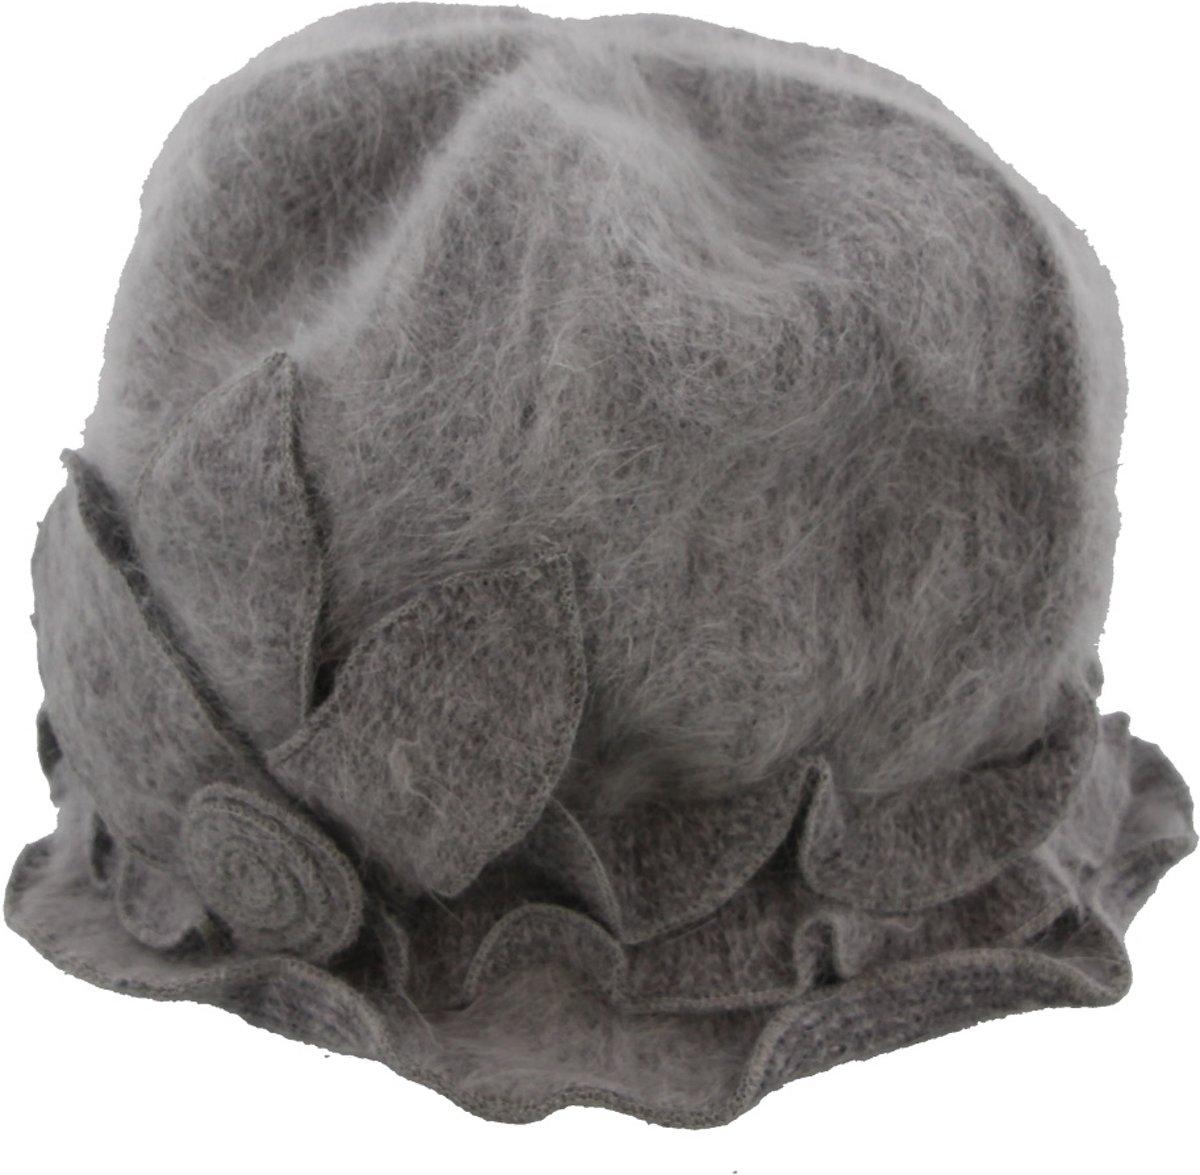 Dameshoed met Bloem - Cloche - Wol en Acryl - One Size - Grijs - Dielay